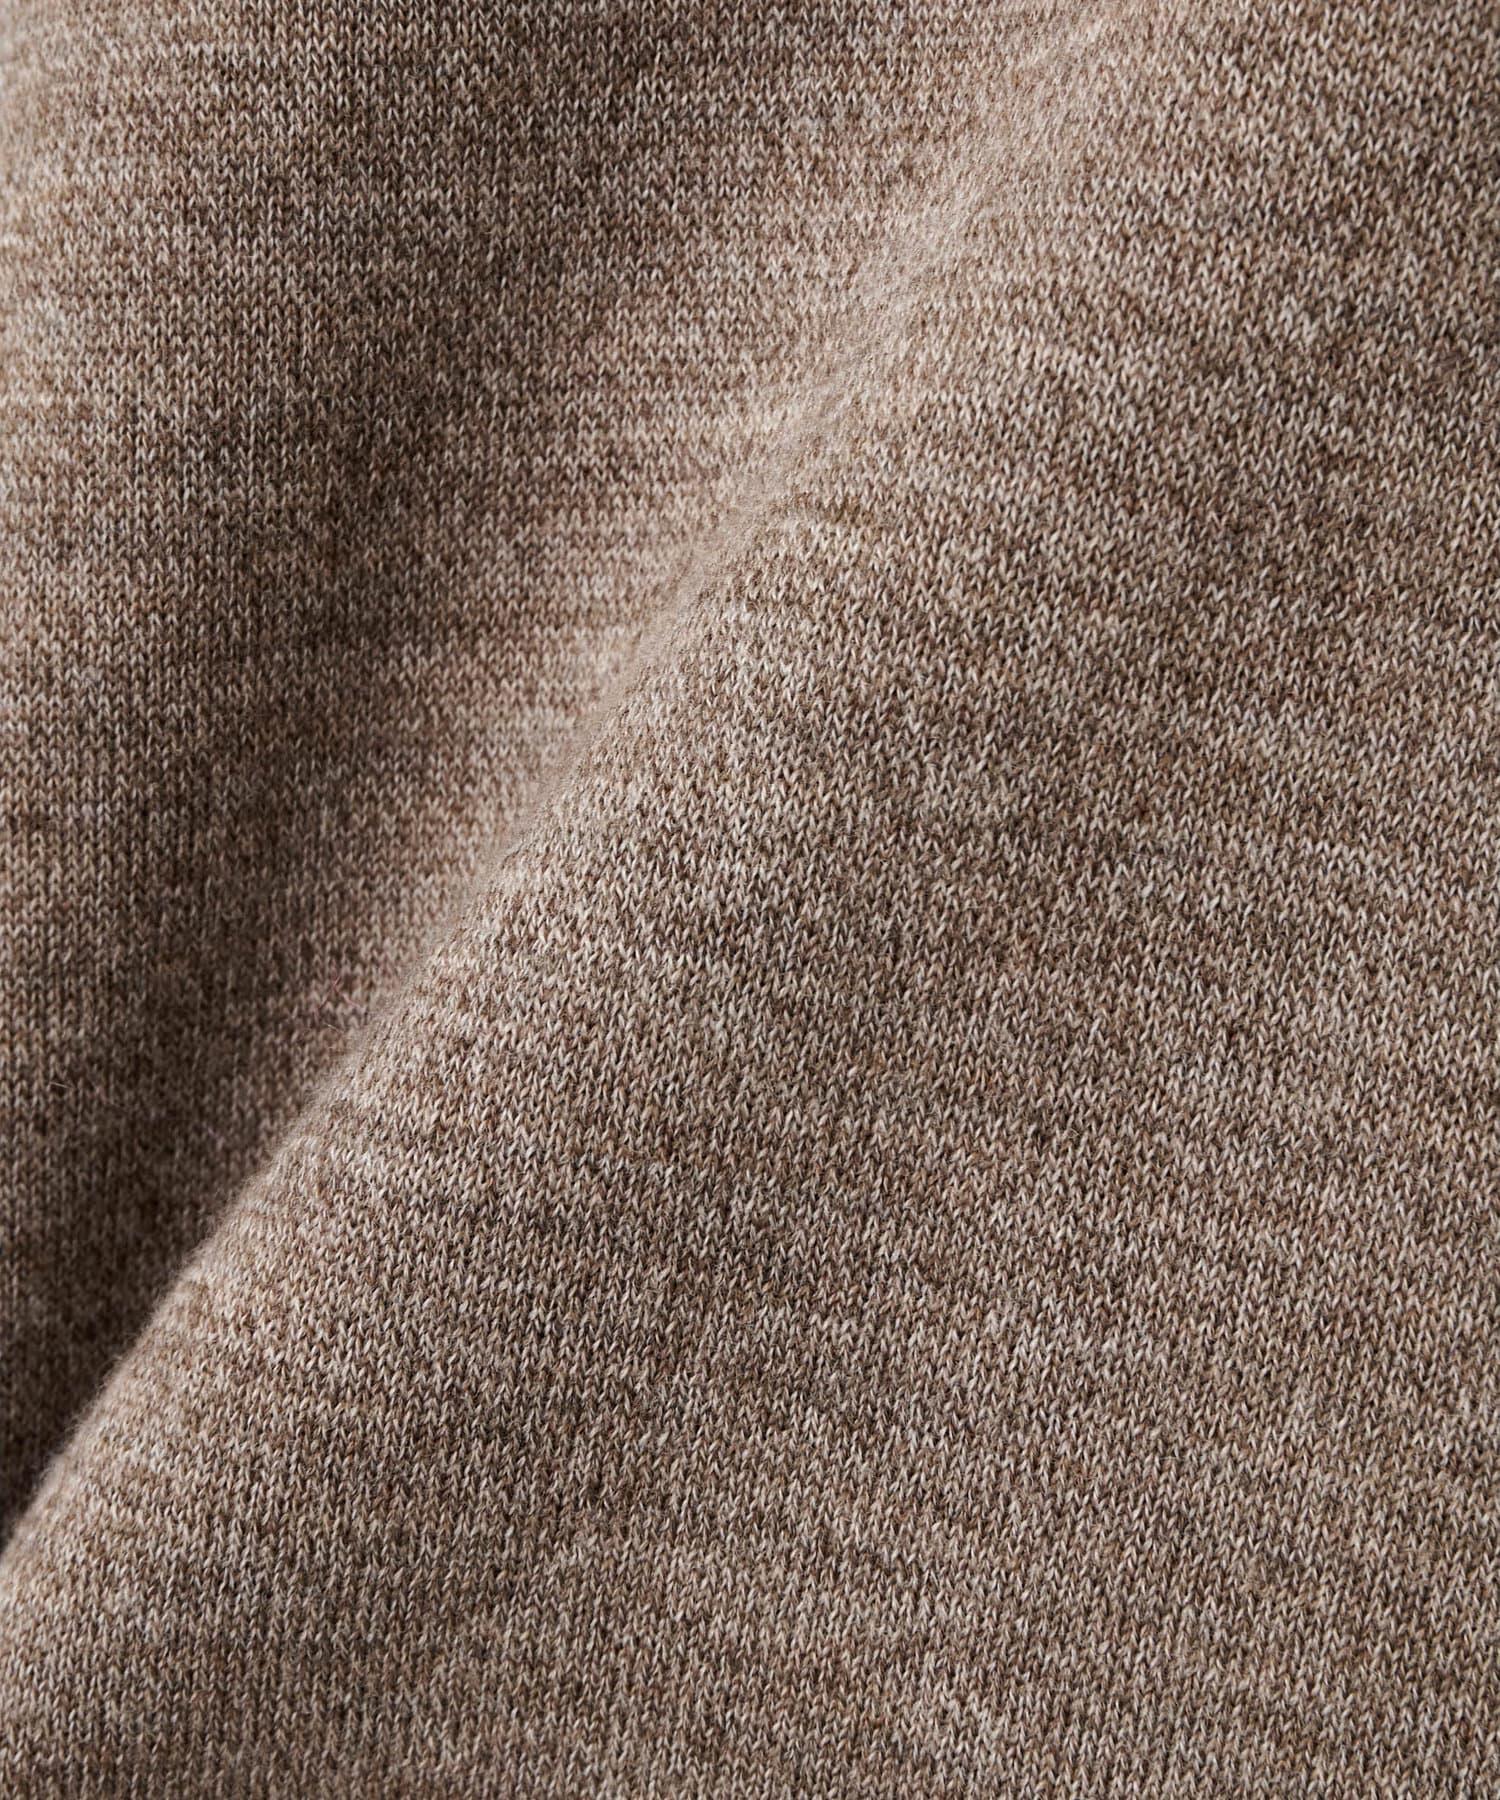 GALLARDAGALANTE(ガリャルダガランテ) 【IIROT】プレーンパターンニットドレス